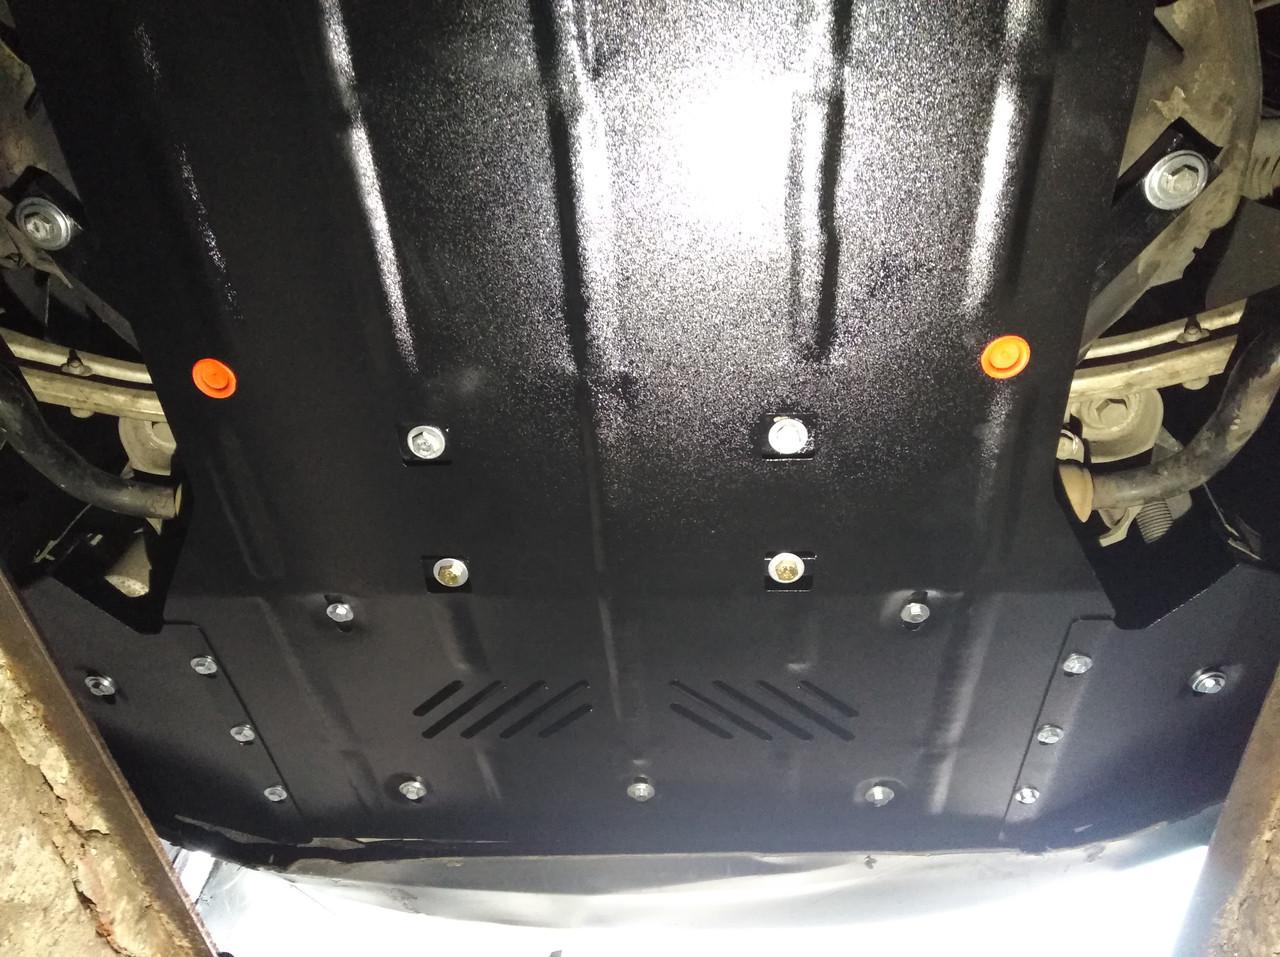 Захист картера двигуна) і Коробки передач на Daewoo Nubira (1997-2004)